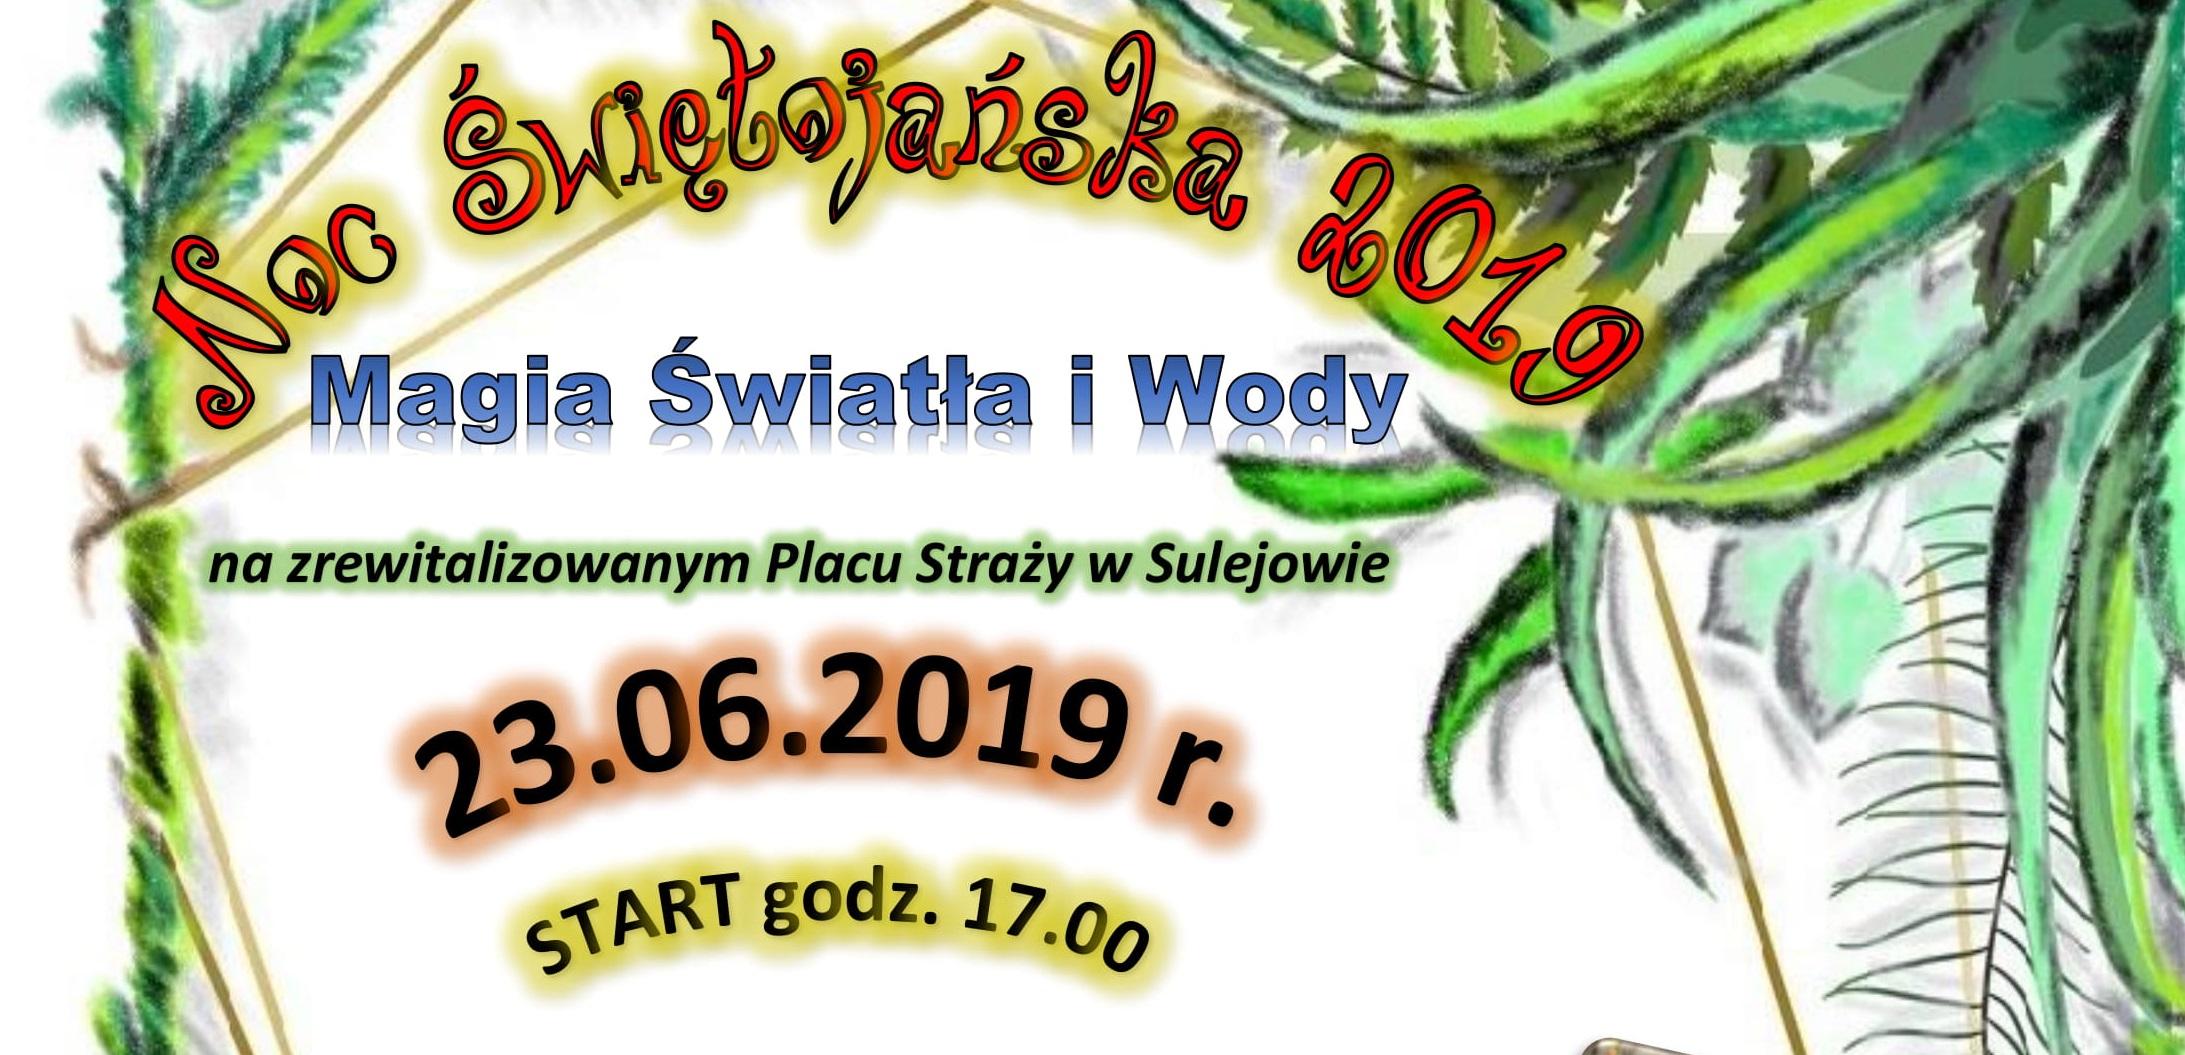 Photo of Noc Świętojańska w Sulejowie